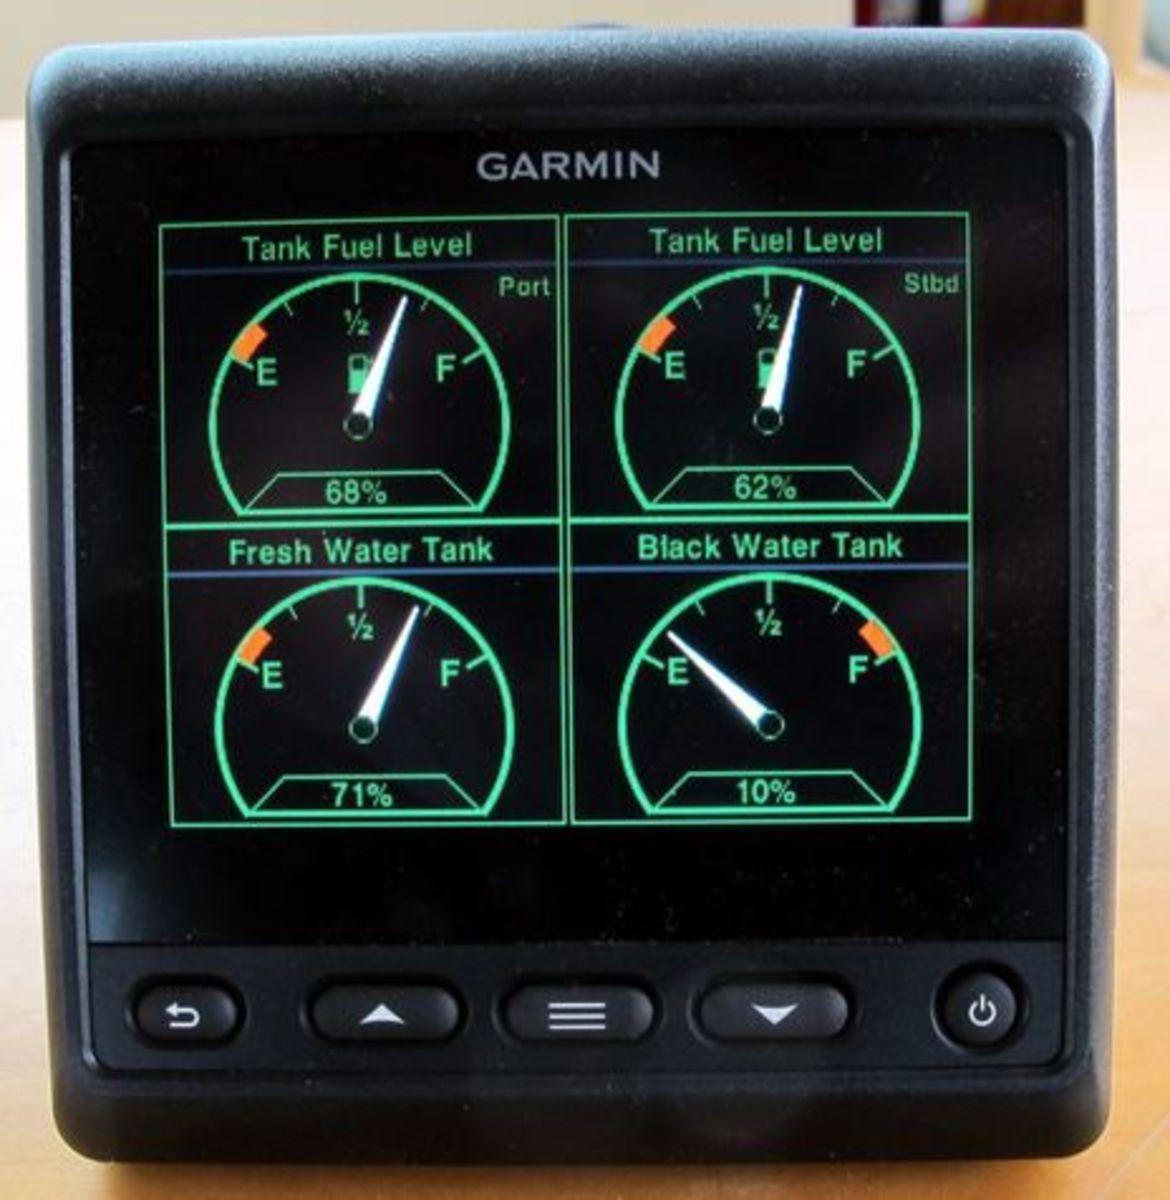 Garmin_GMI20_tank_levels_cPanbo.jpg